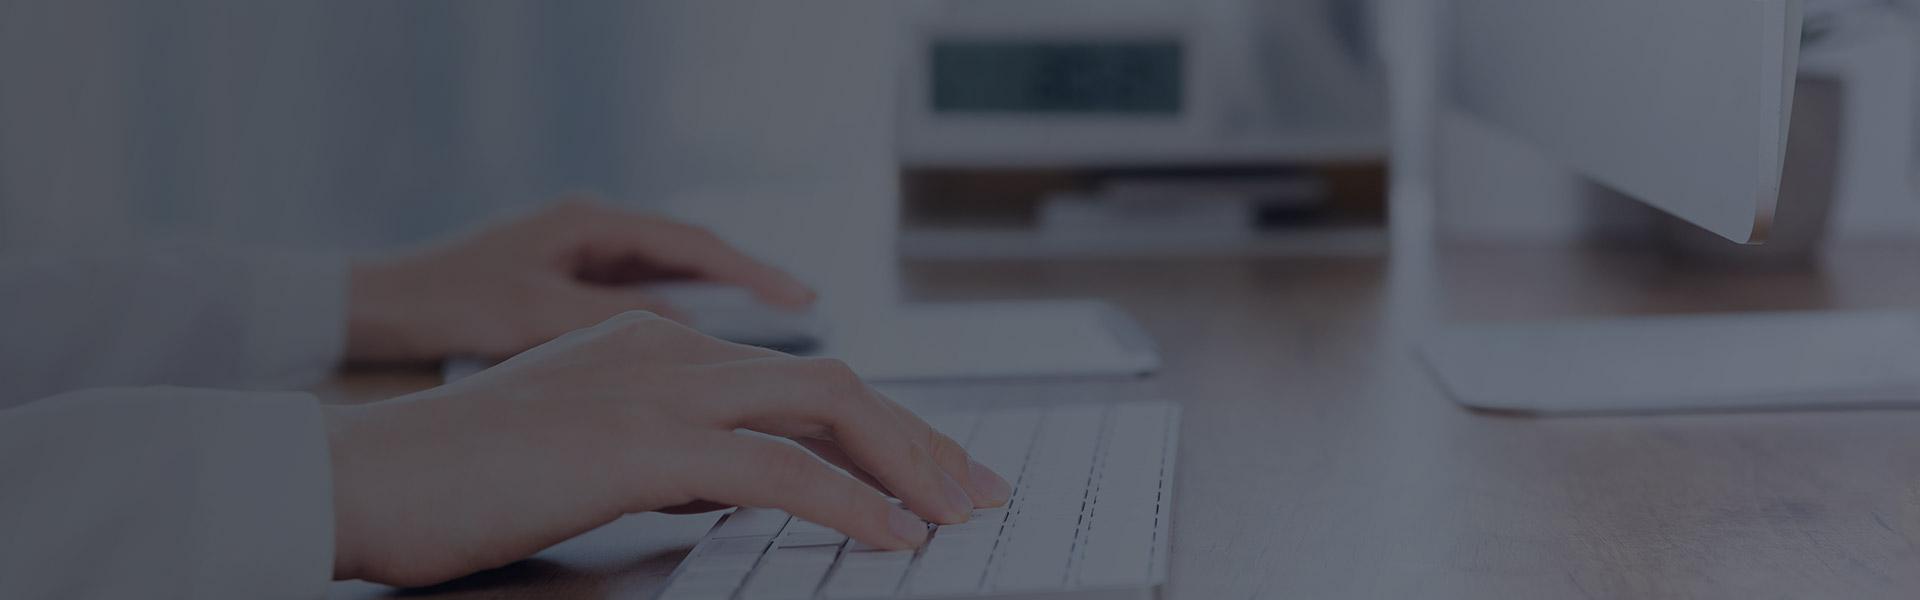 珠海SEO优化-珠海网站优化推广公司-云天下